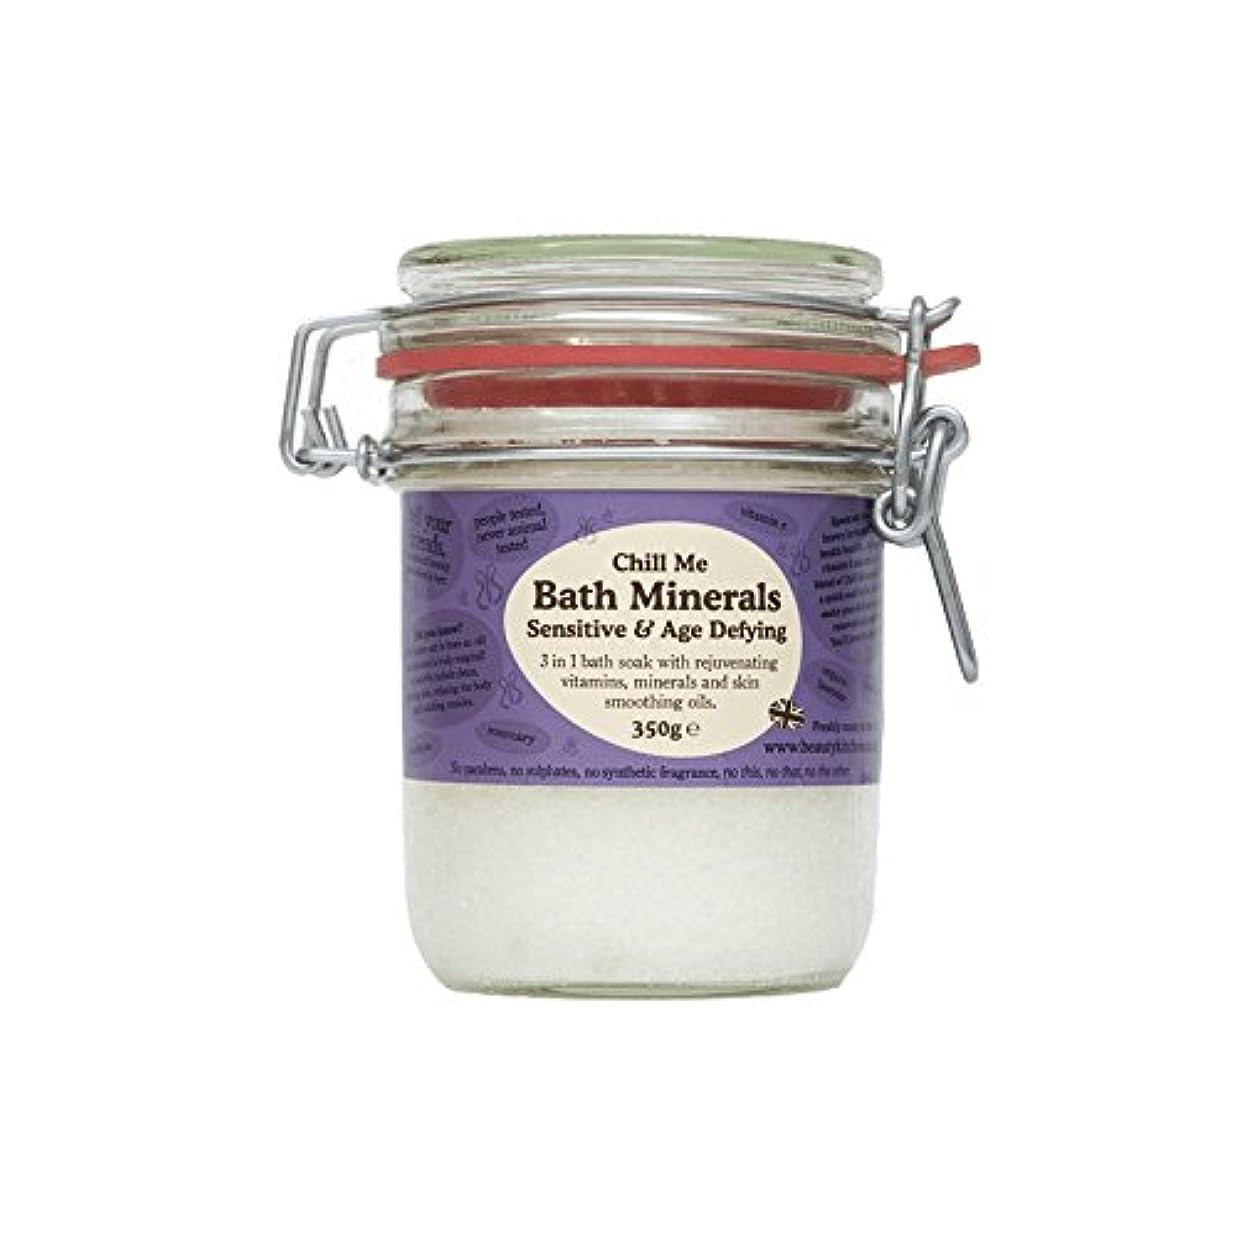 郡本土粒子美しさのキッチンは私の敏感&年齢挑むバス鉱物350グラムを冷やします - Beauty Kitchen Chill Me Sensitive & Age Defying Bath Minerals 350g (Beauty...